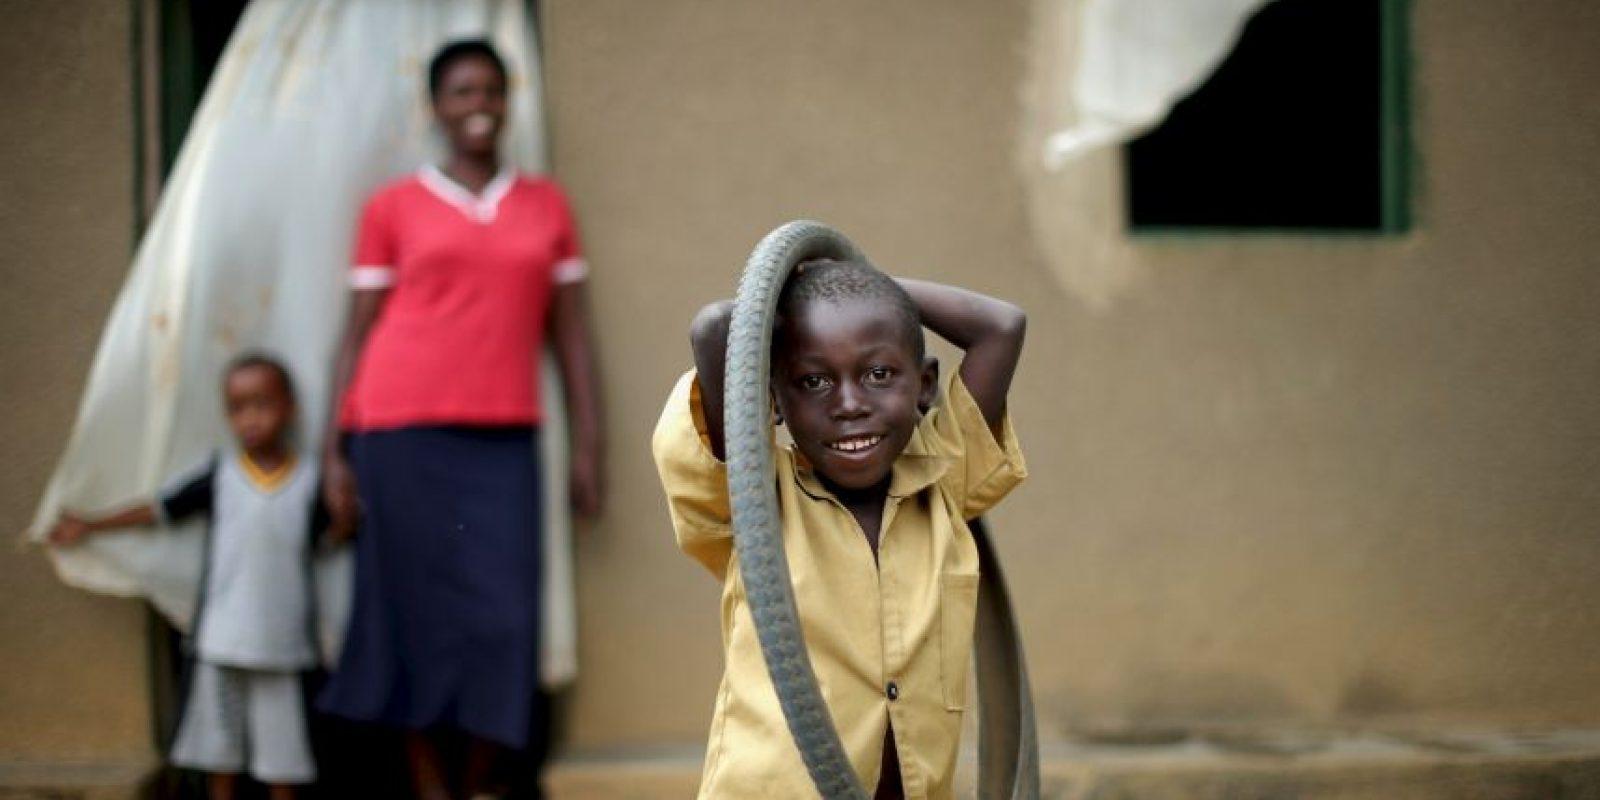 Una quinta parte de las víctimas de homicidio en todo el mundo son niños y adolescentes menores de 20 años, lo que representó cerca de 95 mil muertes en 2012. Foto:Getty Images